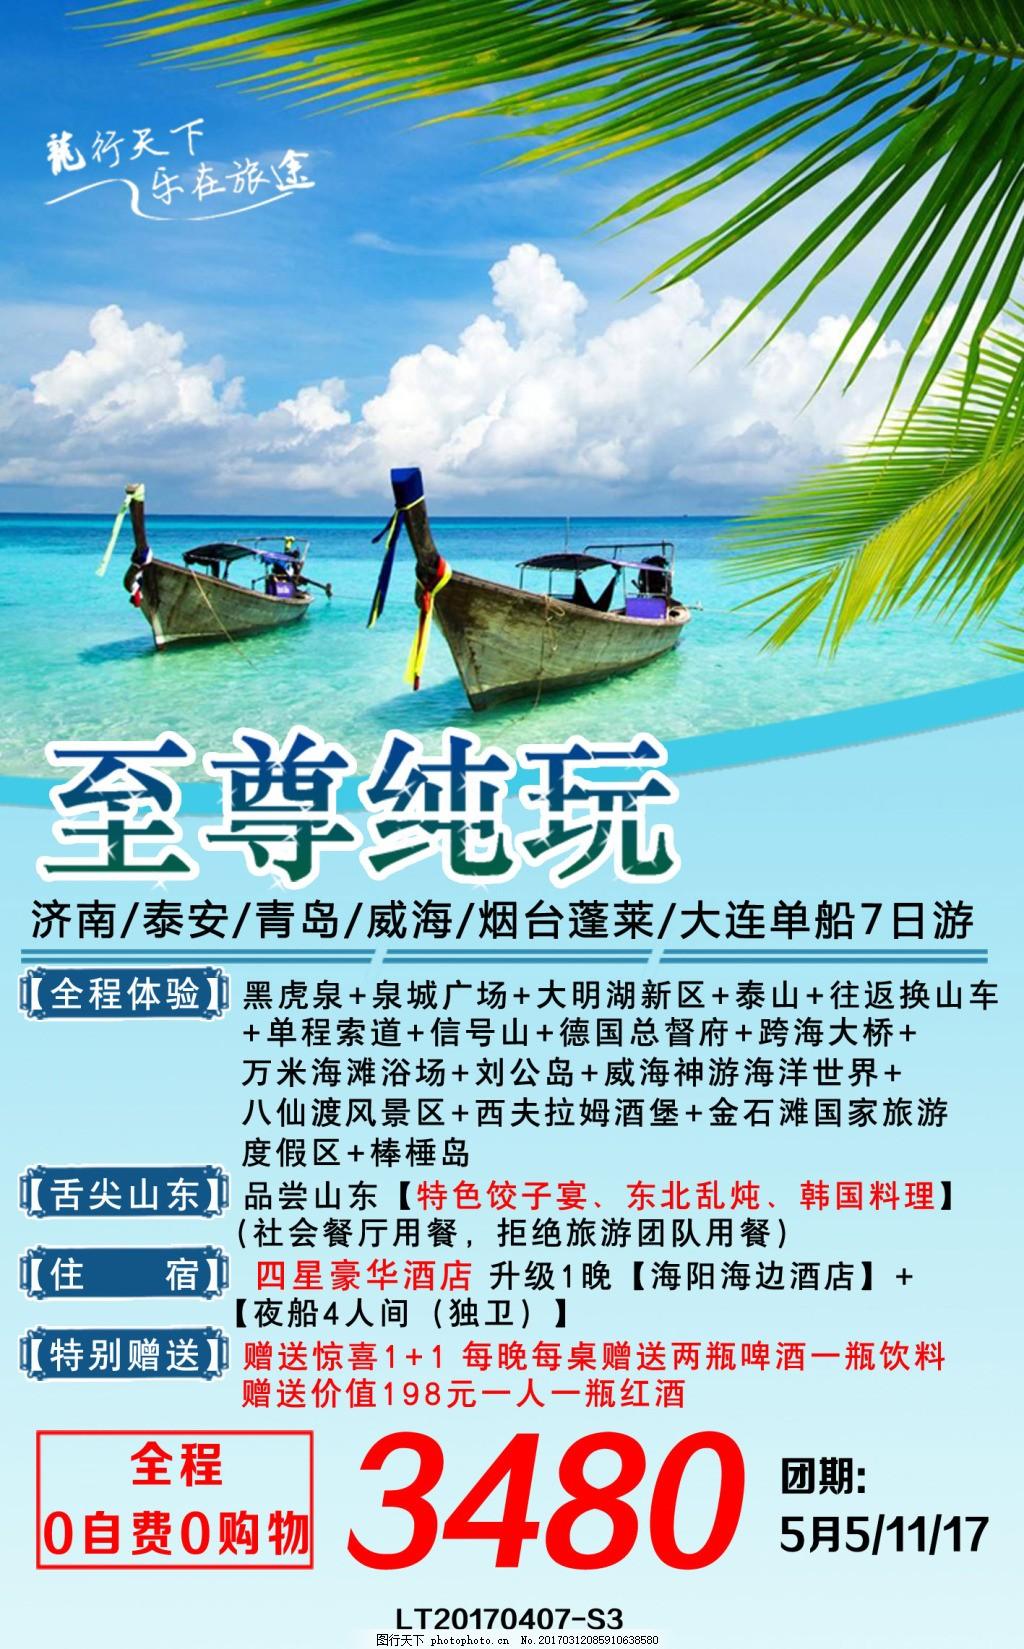 旅游海报 纯玩旅游 青岛 威海